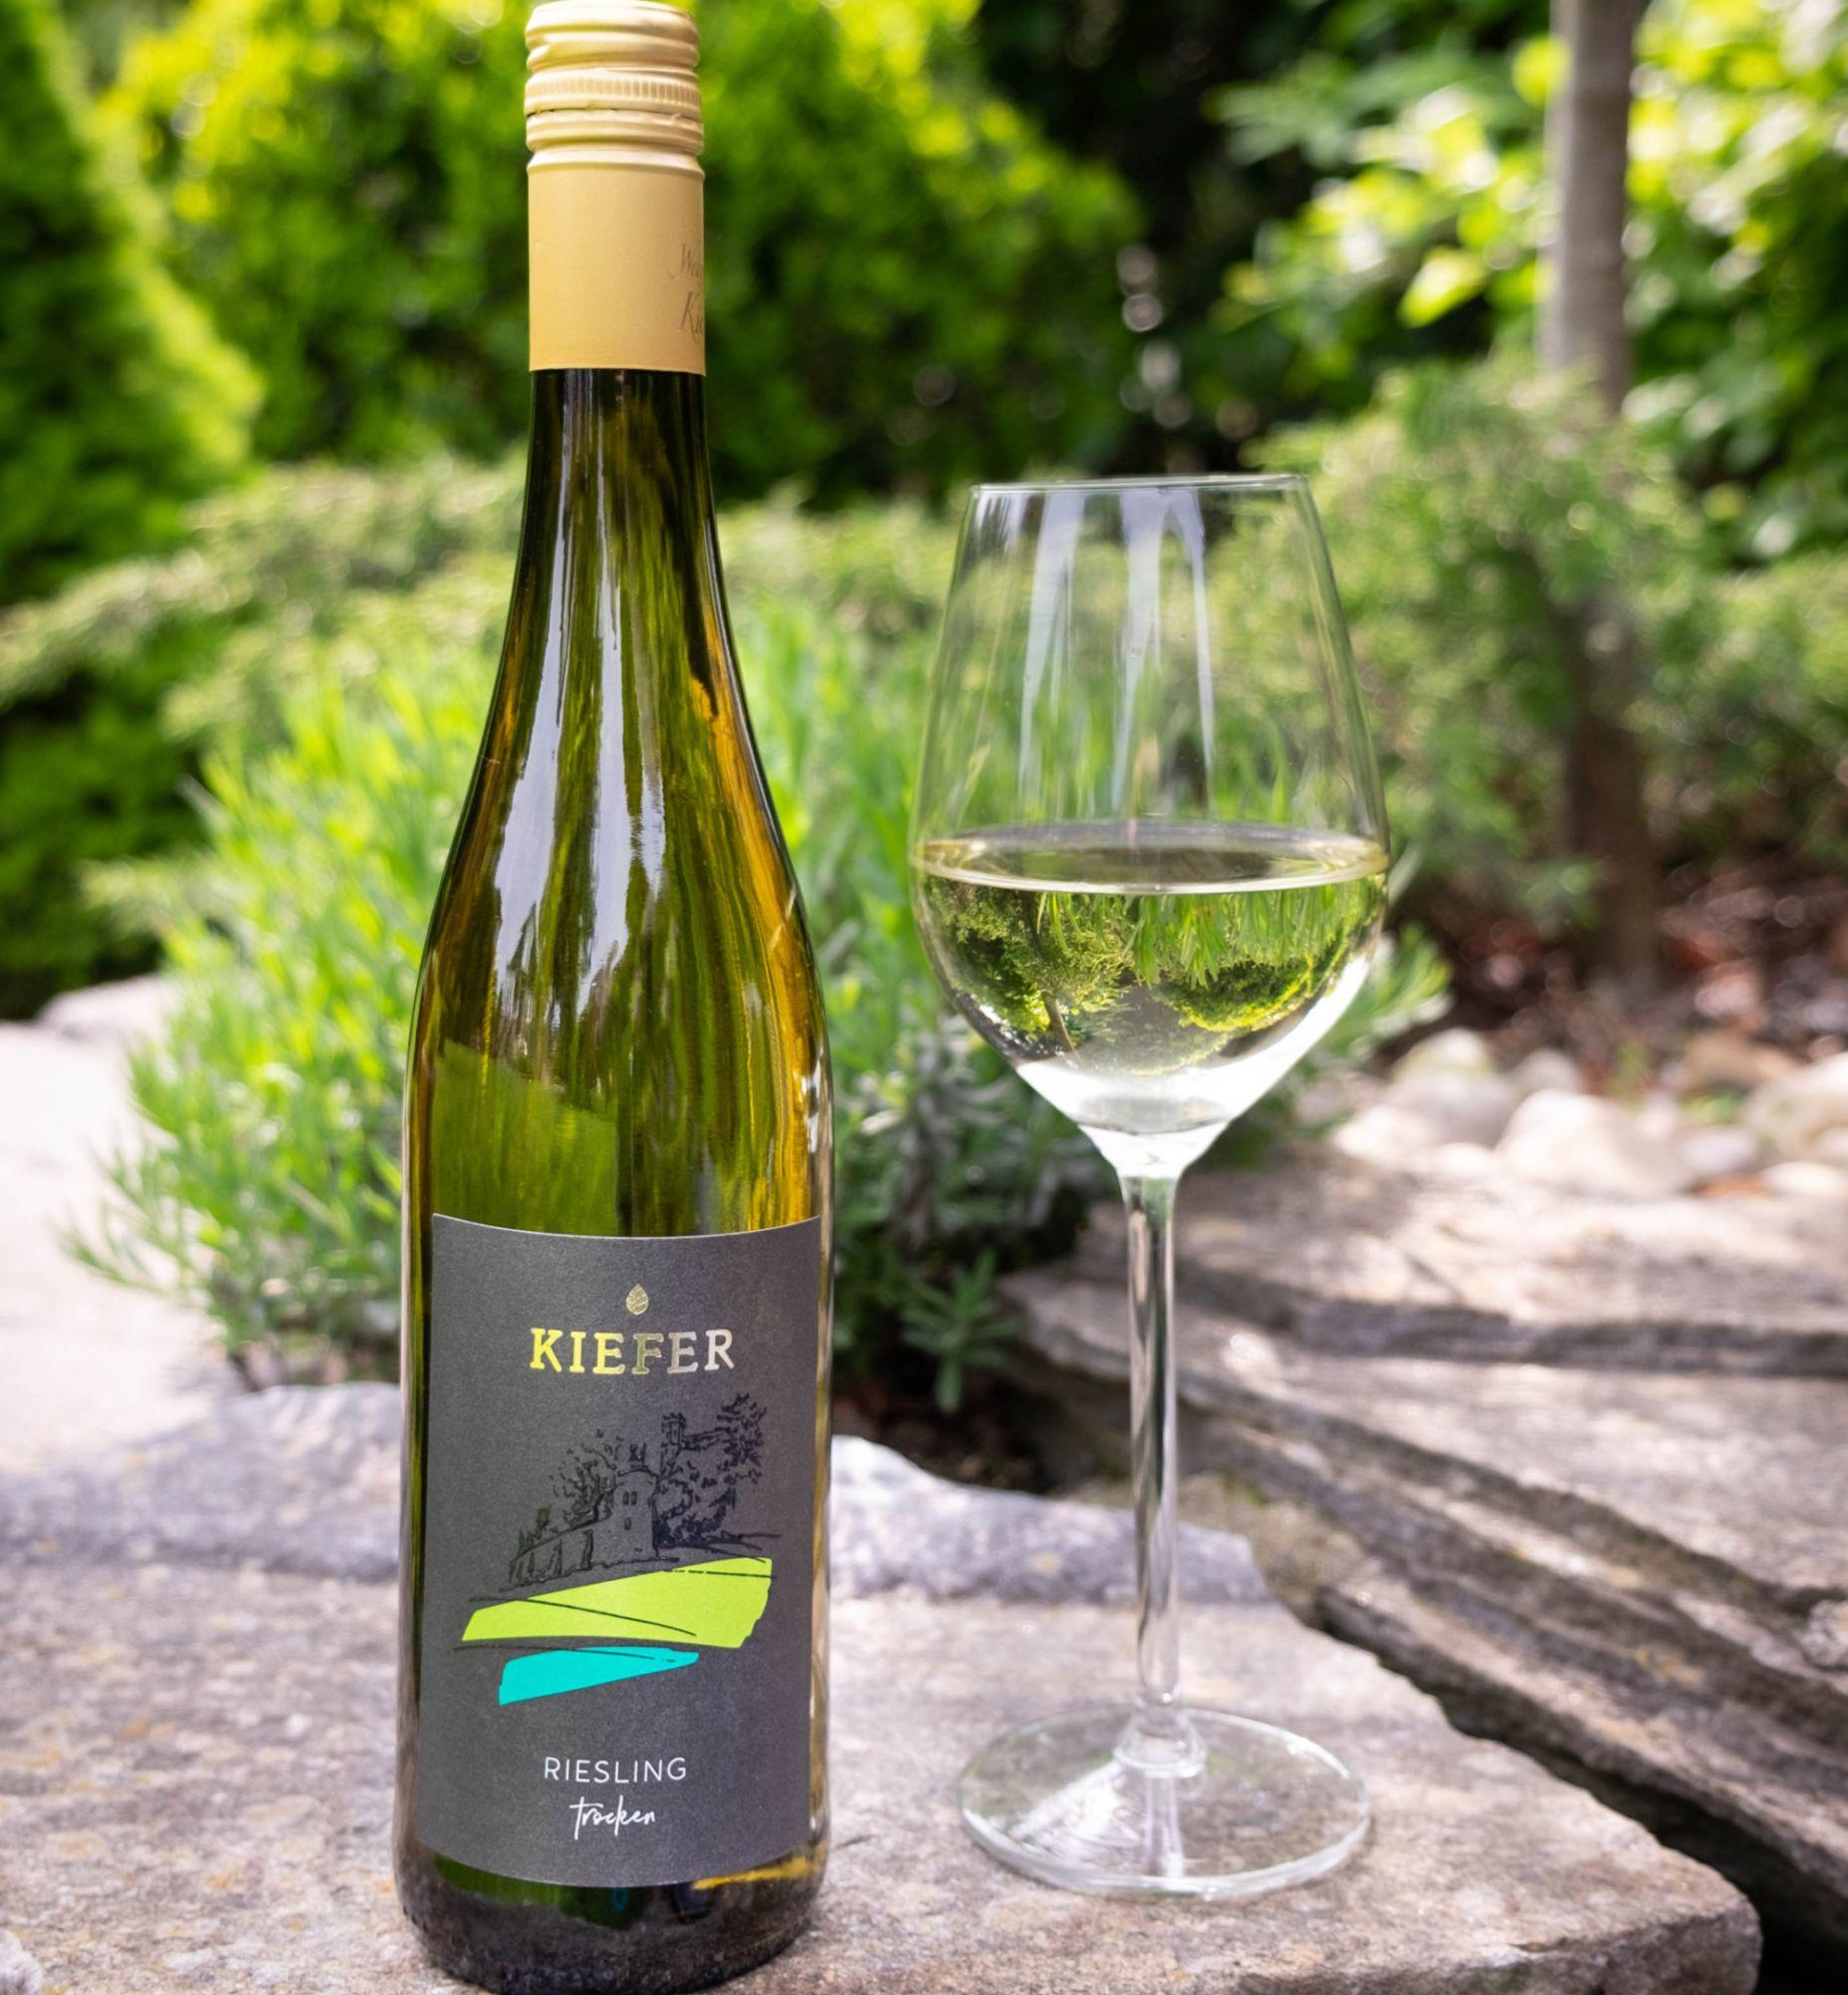 2020-09-06-Weingut-Kiefer-Ortenberg-Wein-Erlesen-kaufen-Wein-Jahrgang- 2018 - Riesling - Spätlese - trocken